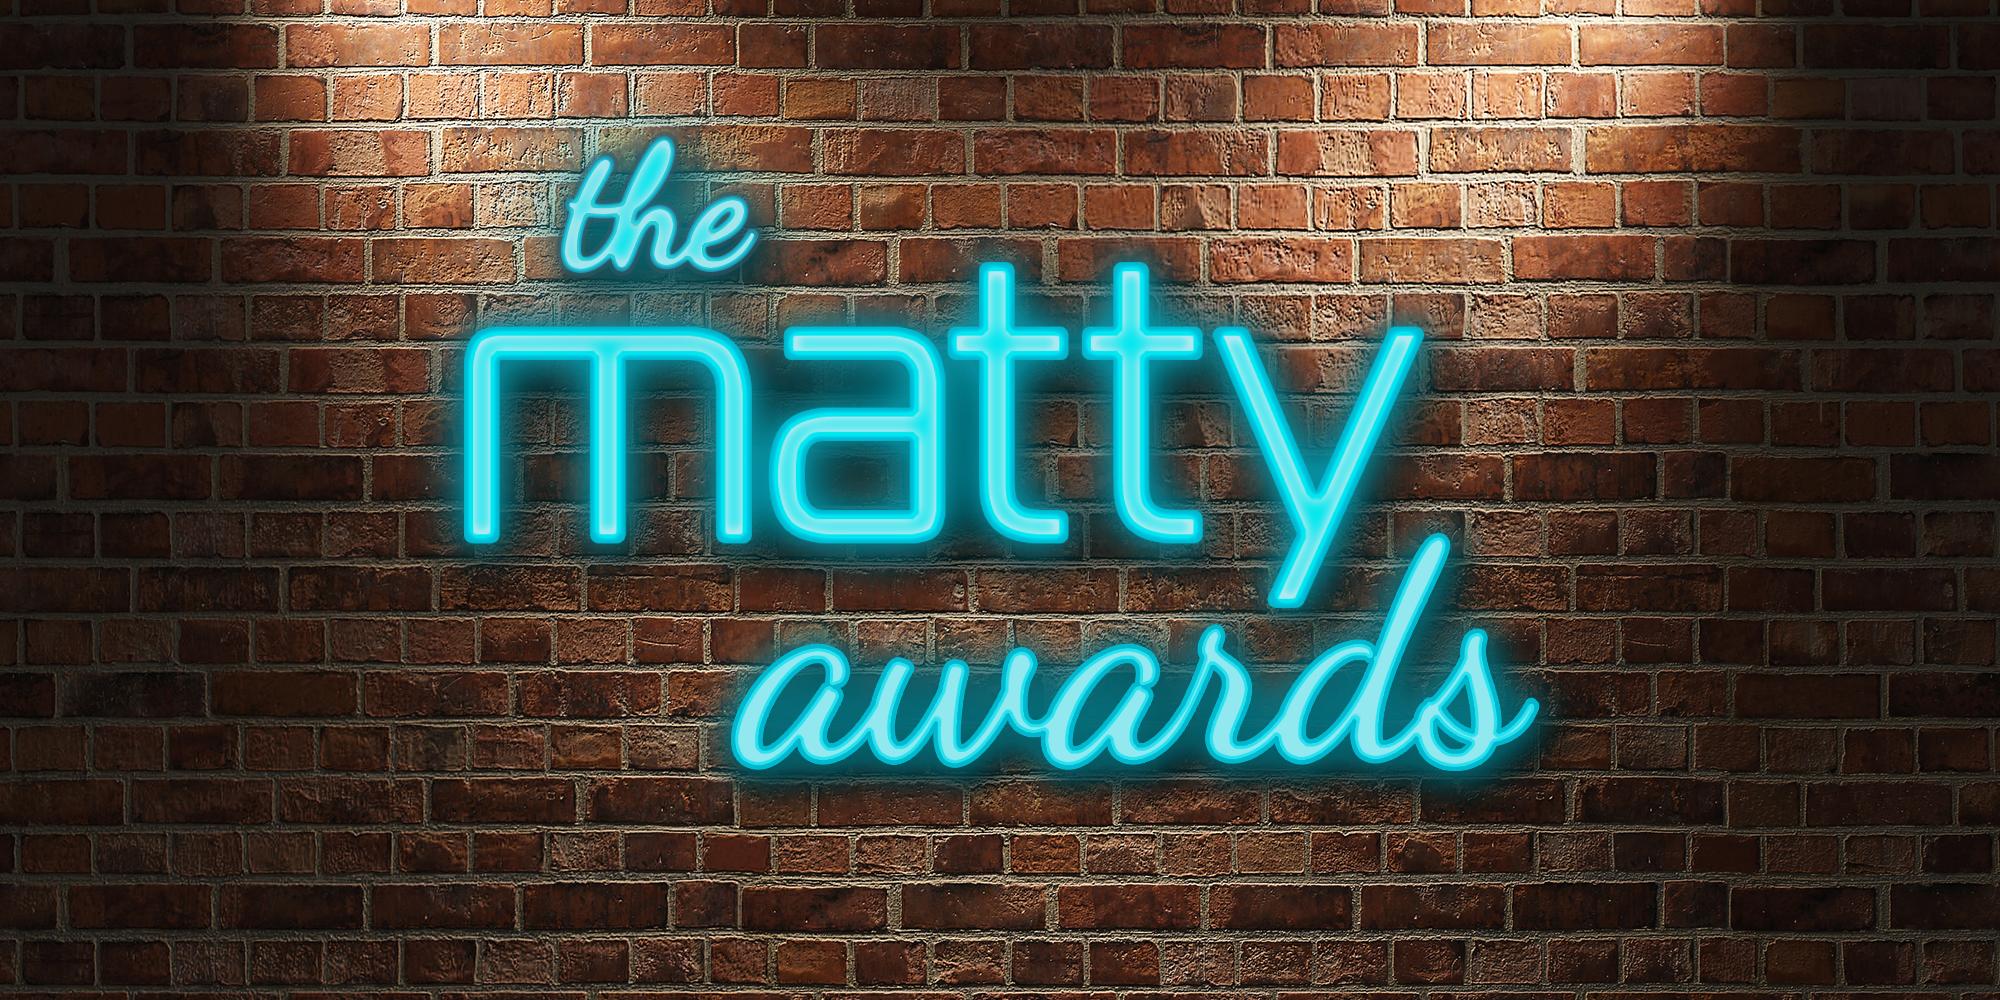 The Matty Awards